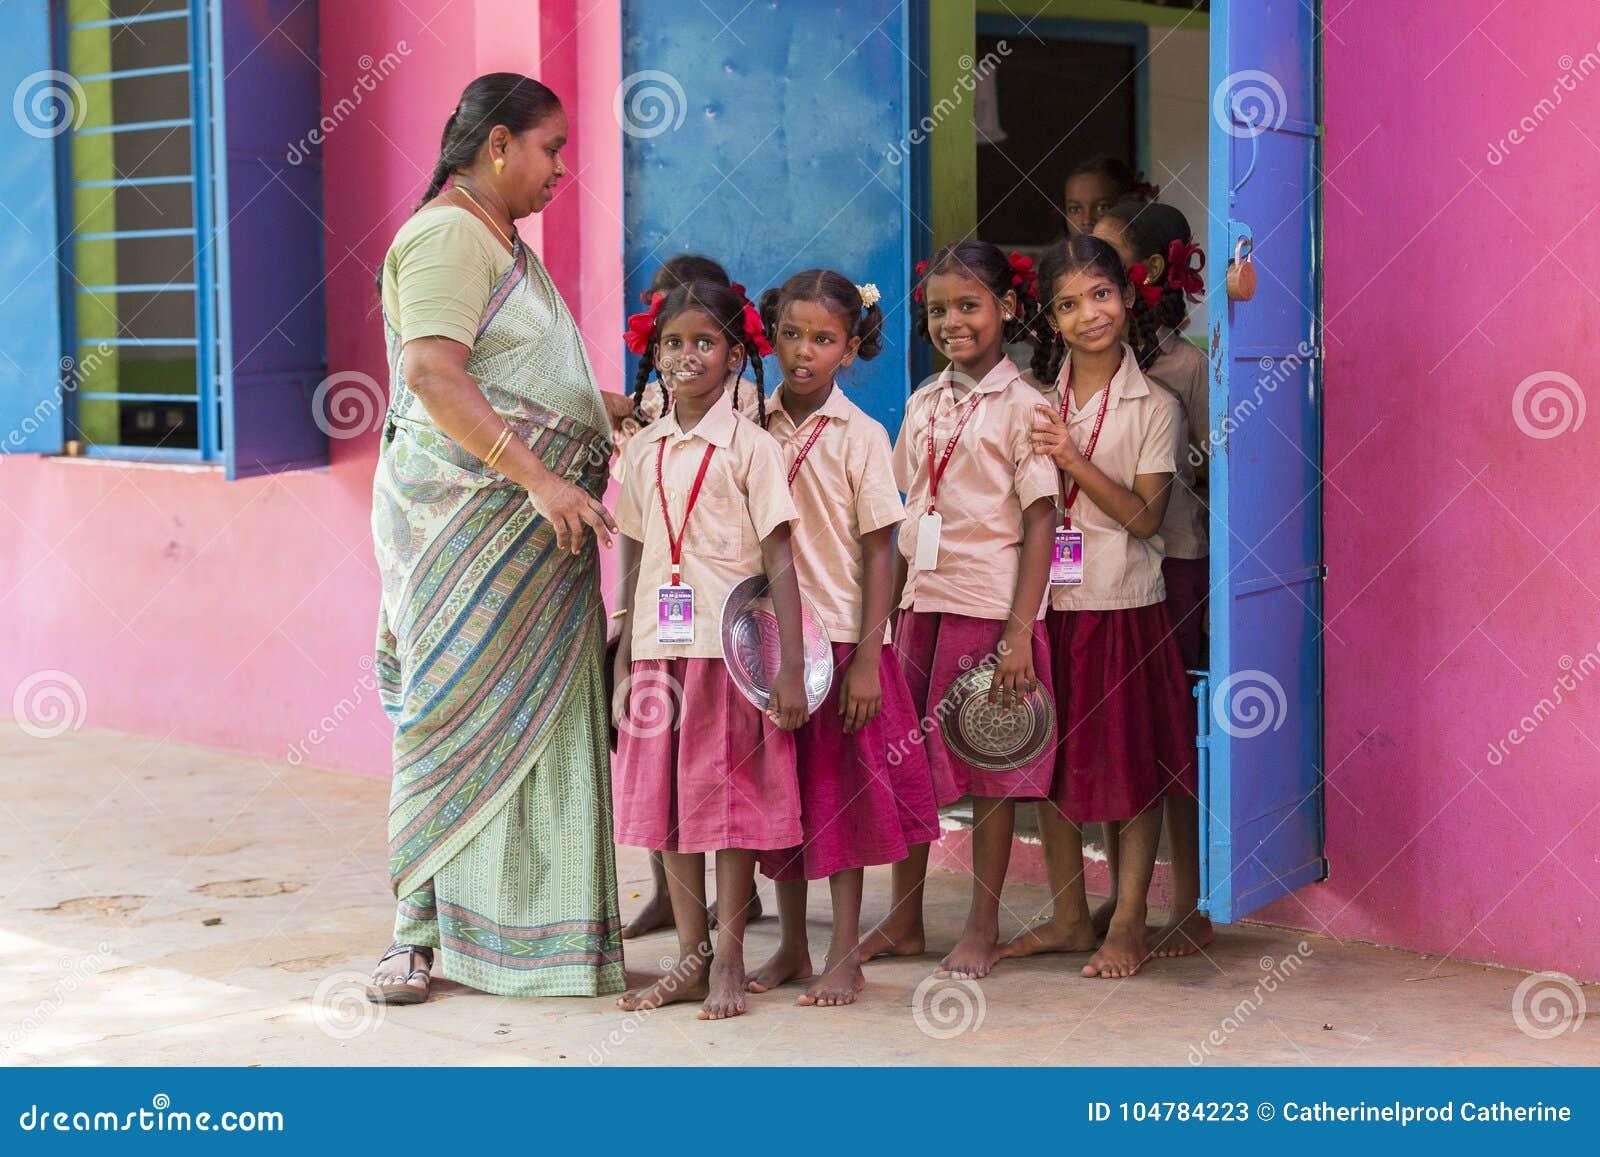 Documentair Redactiebeeld De niet geïdentificeerde leraar en de kinderen gaan van klaslokaal voor lunch uit